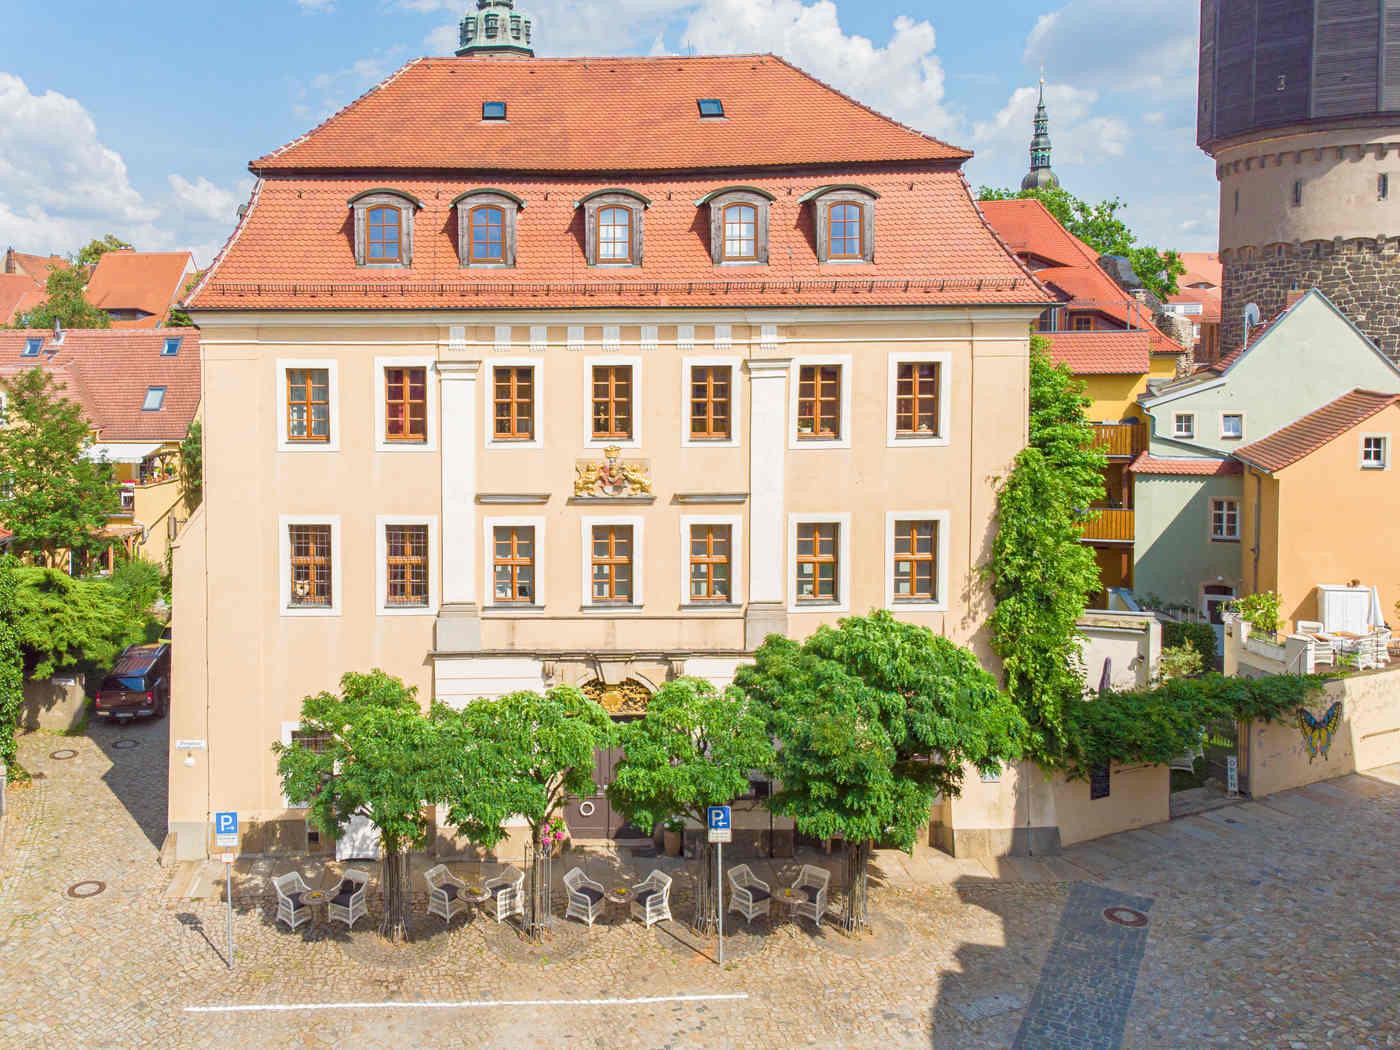 Luftaufnahme Gersdorffsches Palais von vorn